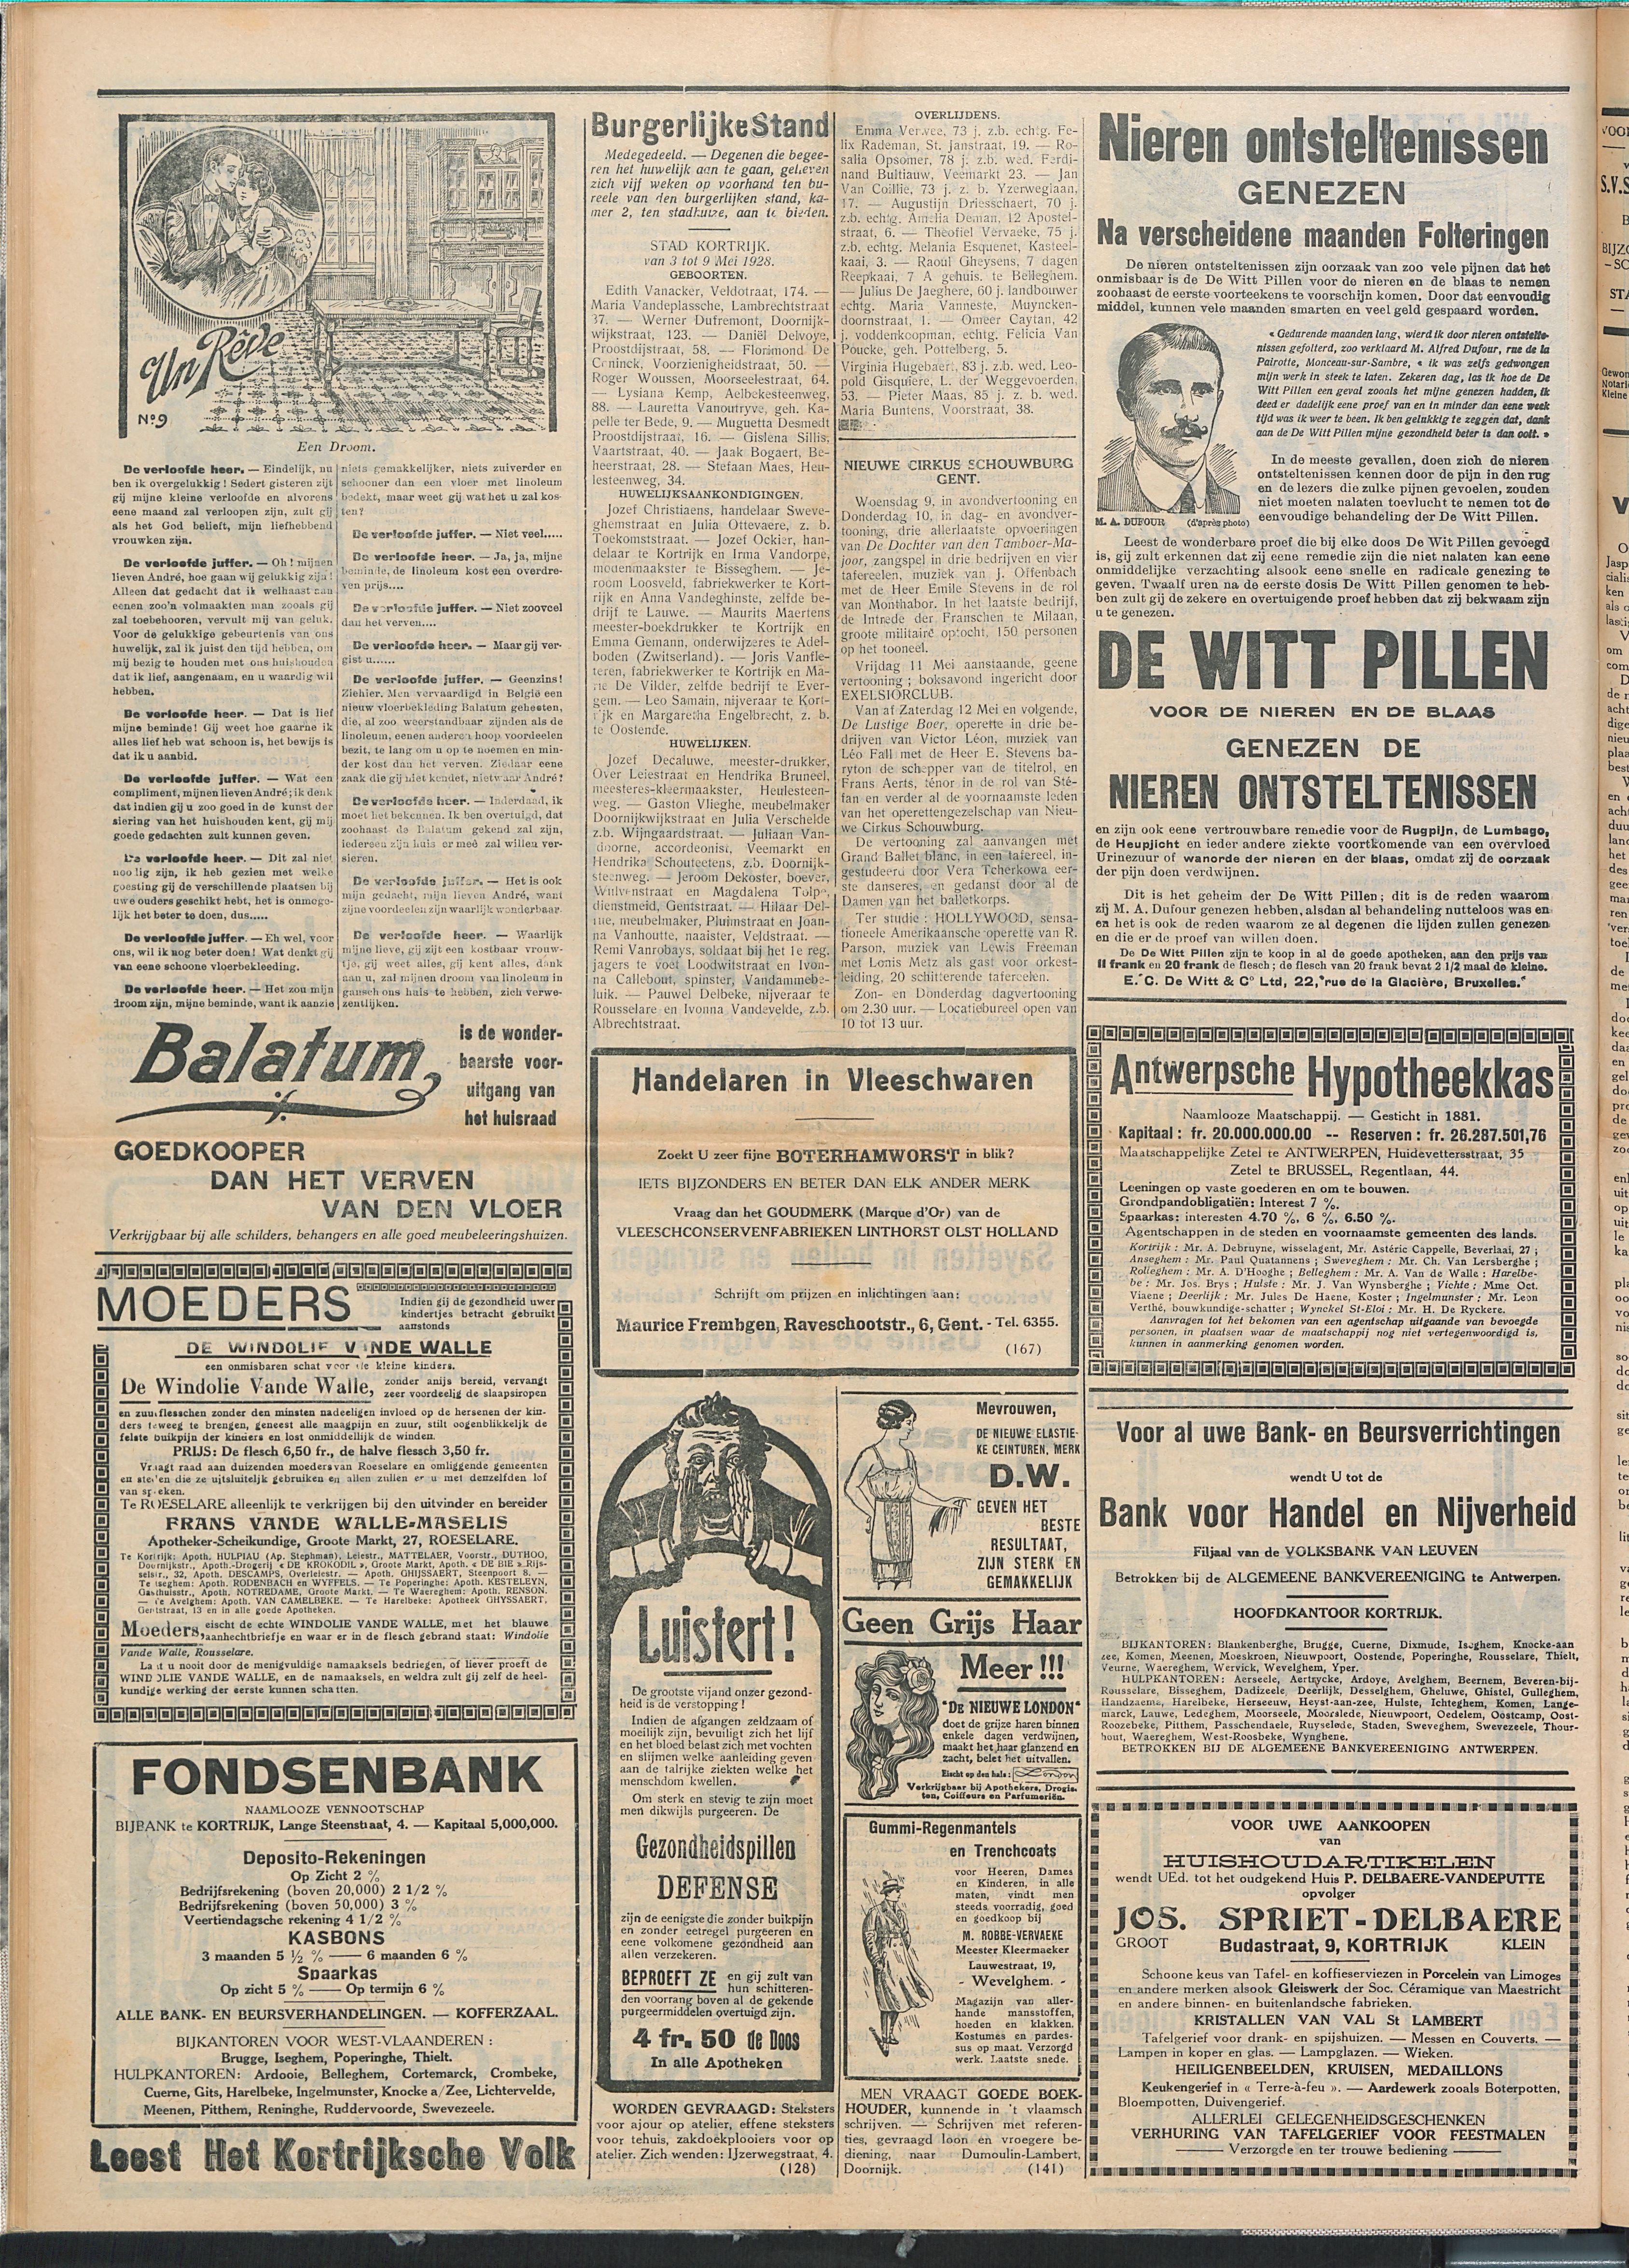 Het Kortrijksche Volk 1928-05-13 p4